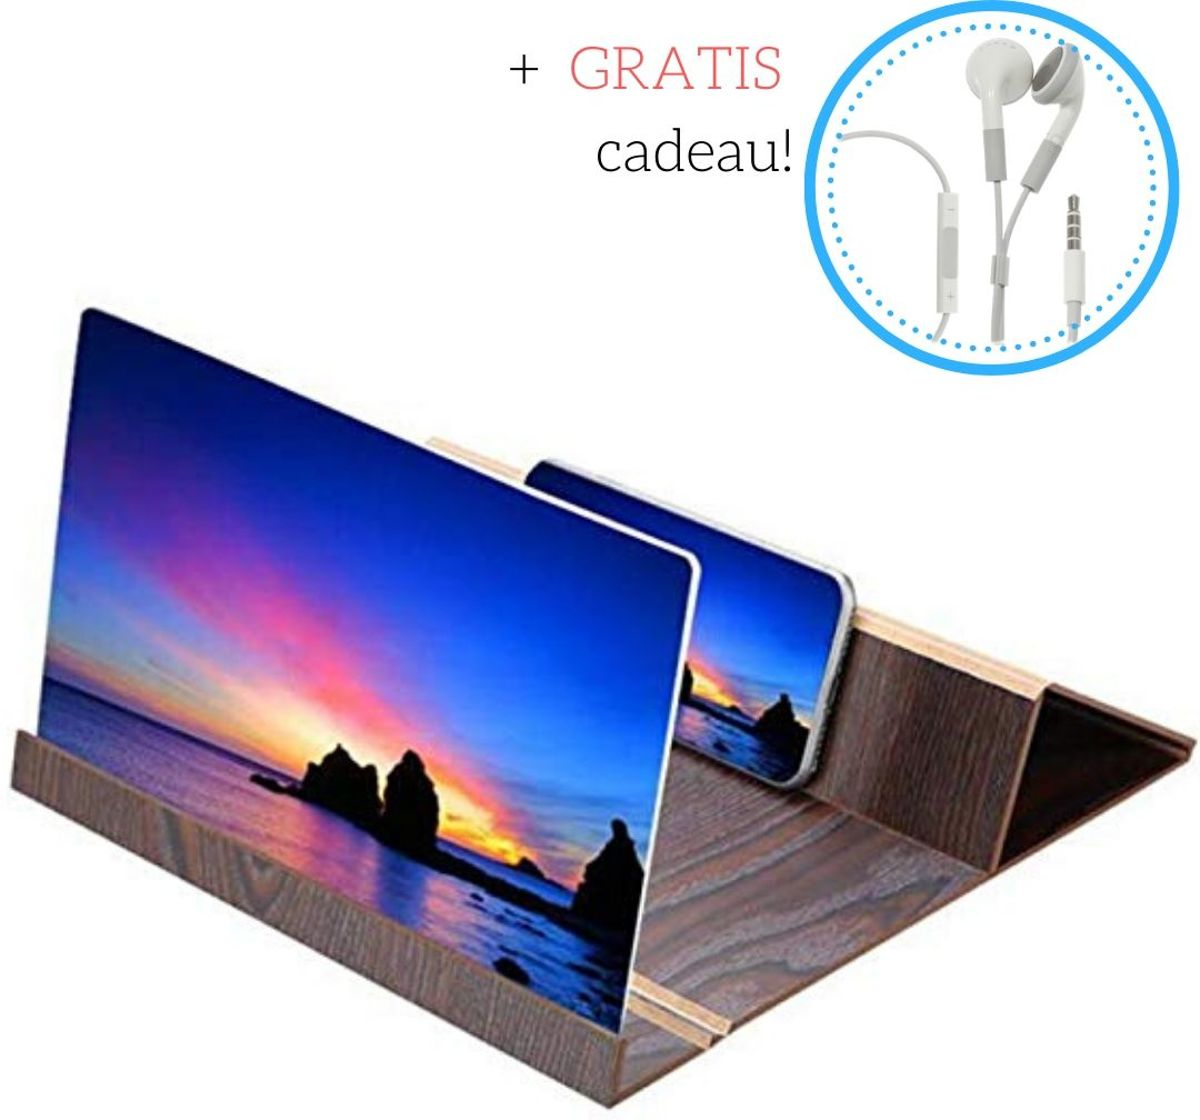 Vergrootglas voor mobiele telefoon - Beeldscherm vergroten van ieder type smartphone - Bruin - Oordopjes Cadeau kopen